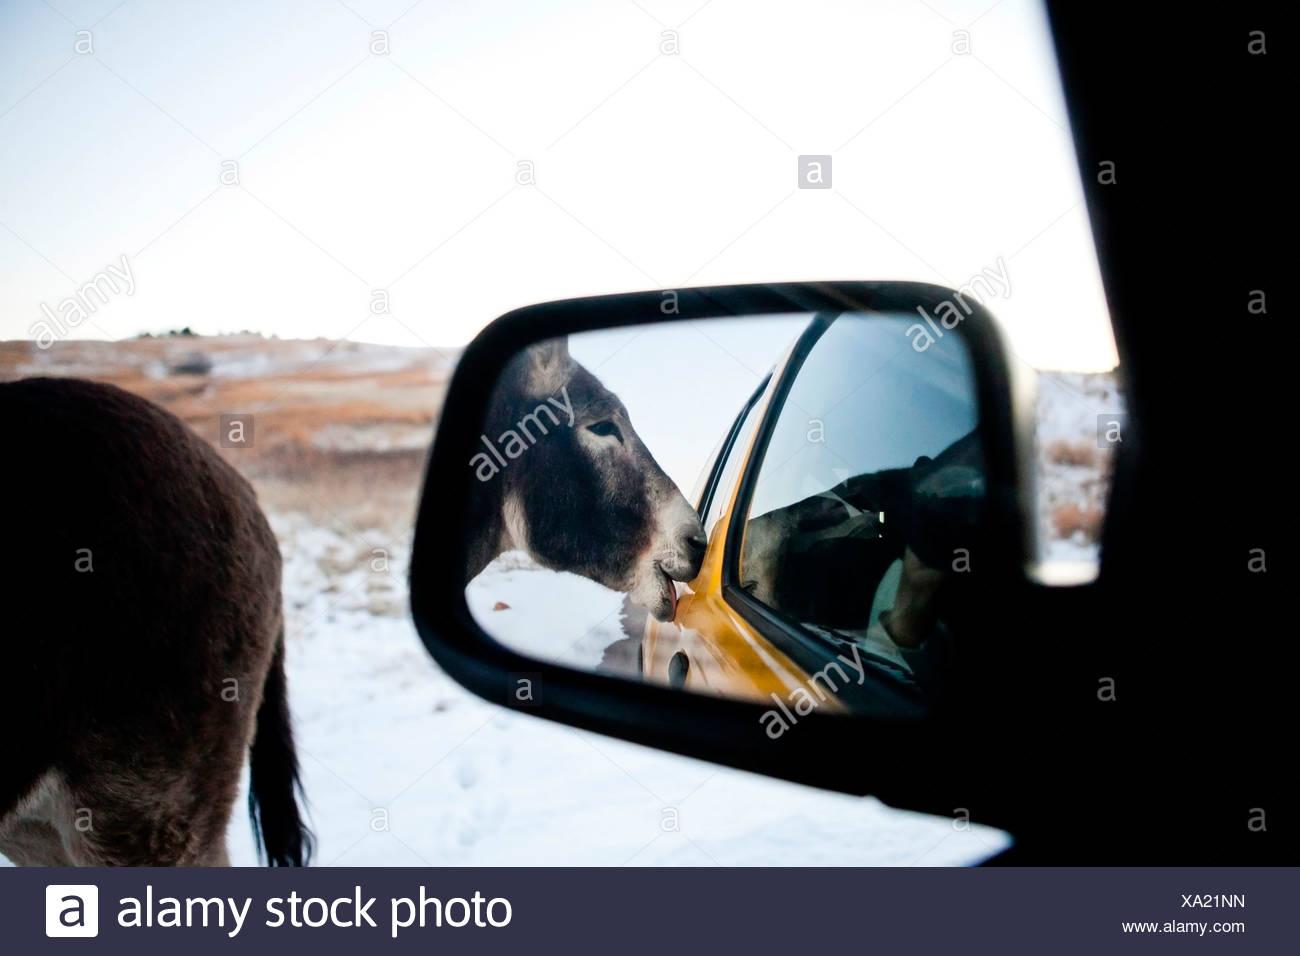 Ein wilder Esel bittet um Köstlichkeiten aus unserem Fahrzeug-Fenster während der Fahrt die Wildlife Loop Road, Custer State Park, South Dakota. Stockbild